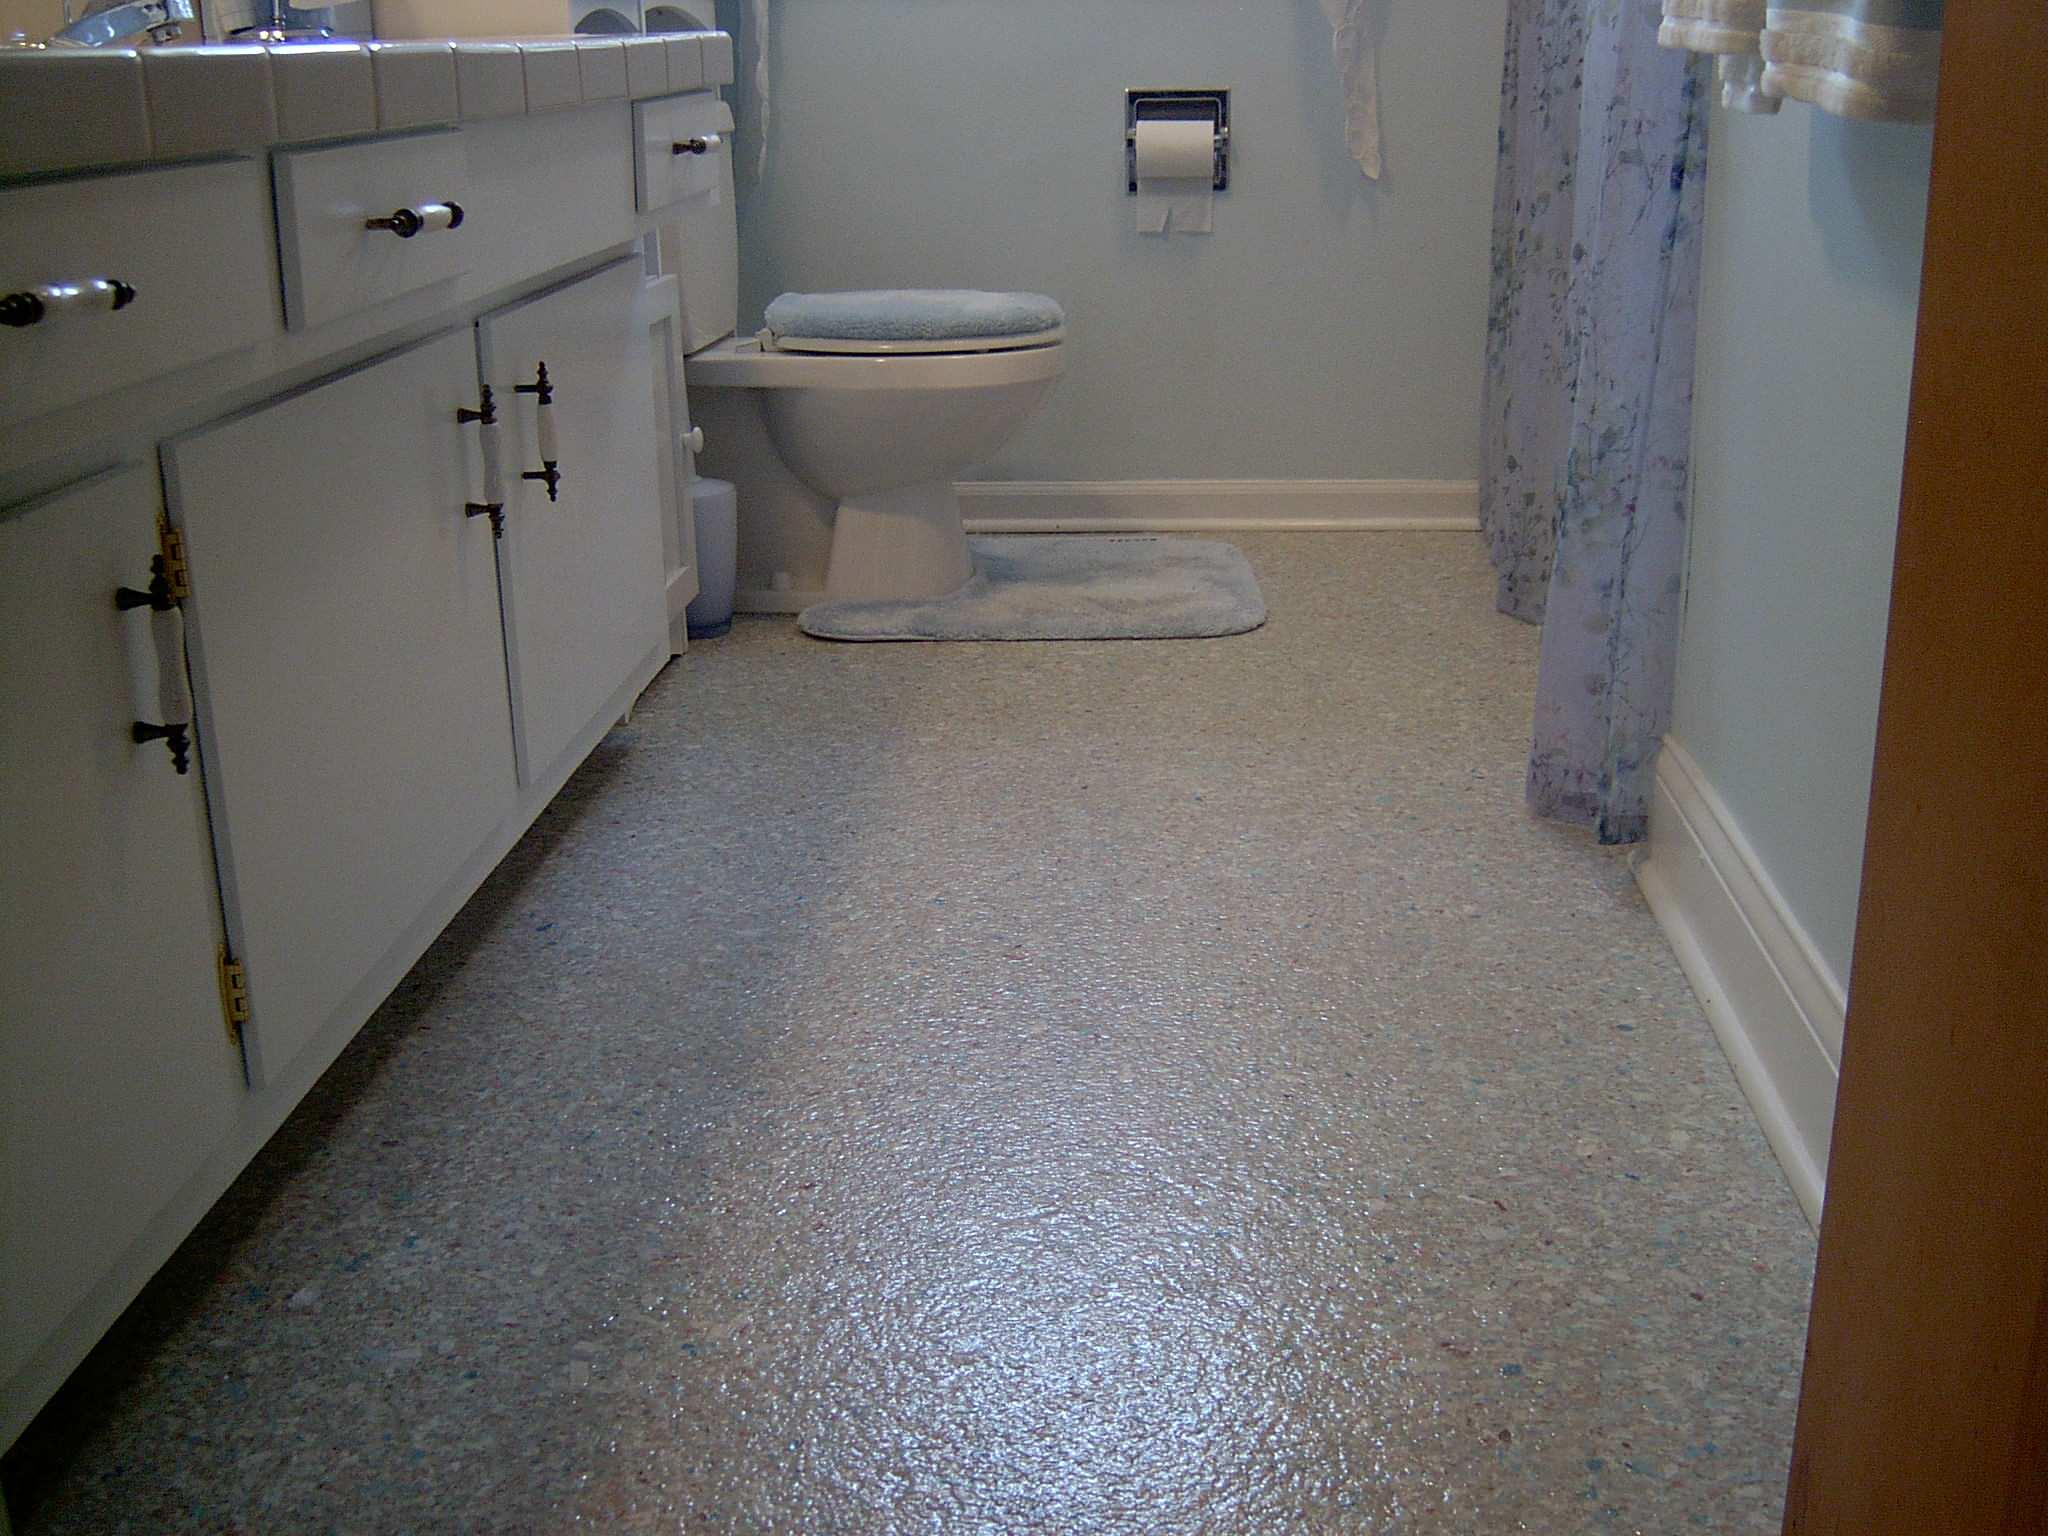 Epoxy Bathroom Floor Coating Houzz